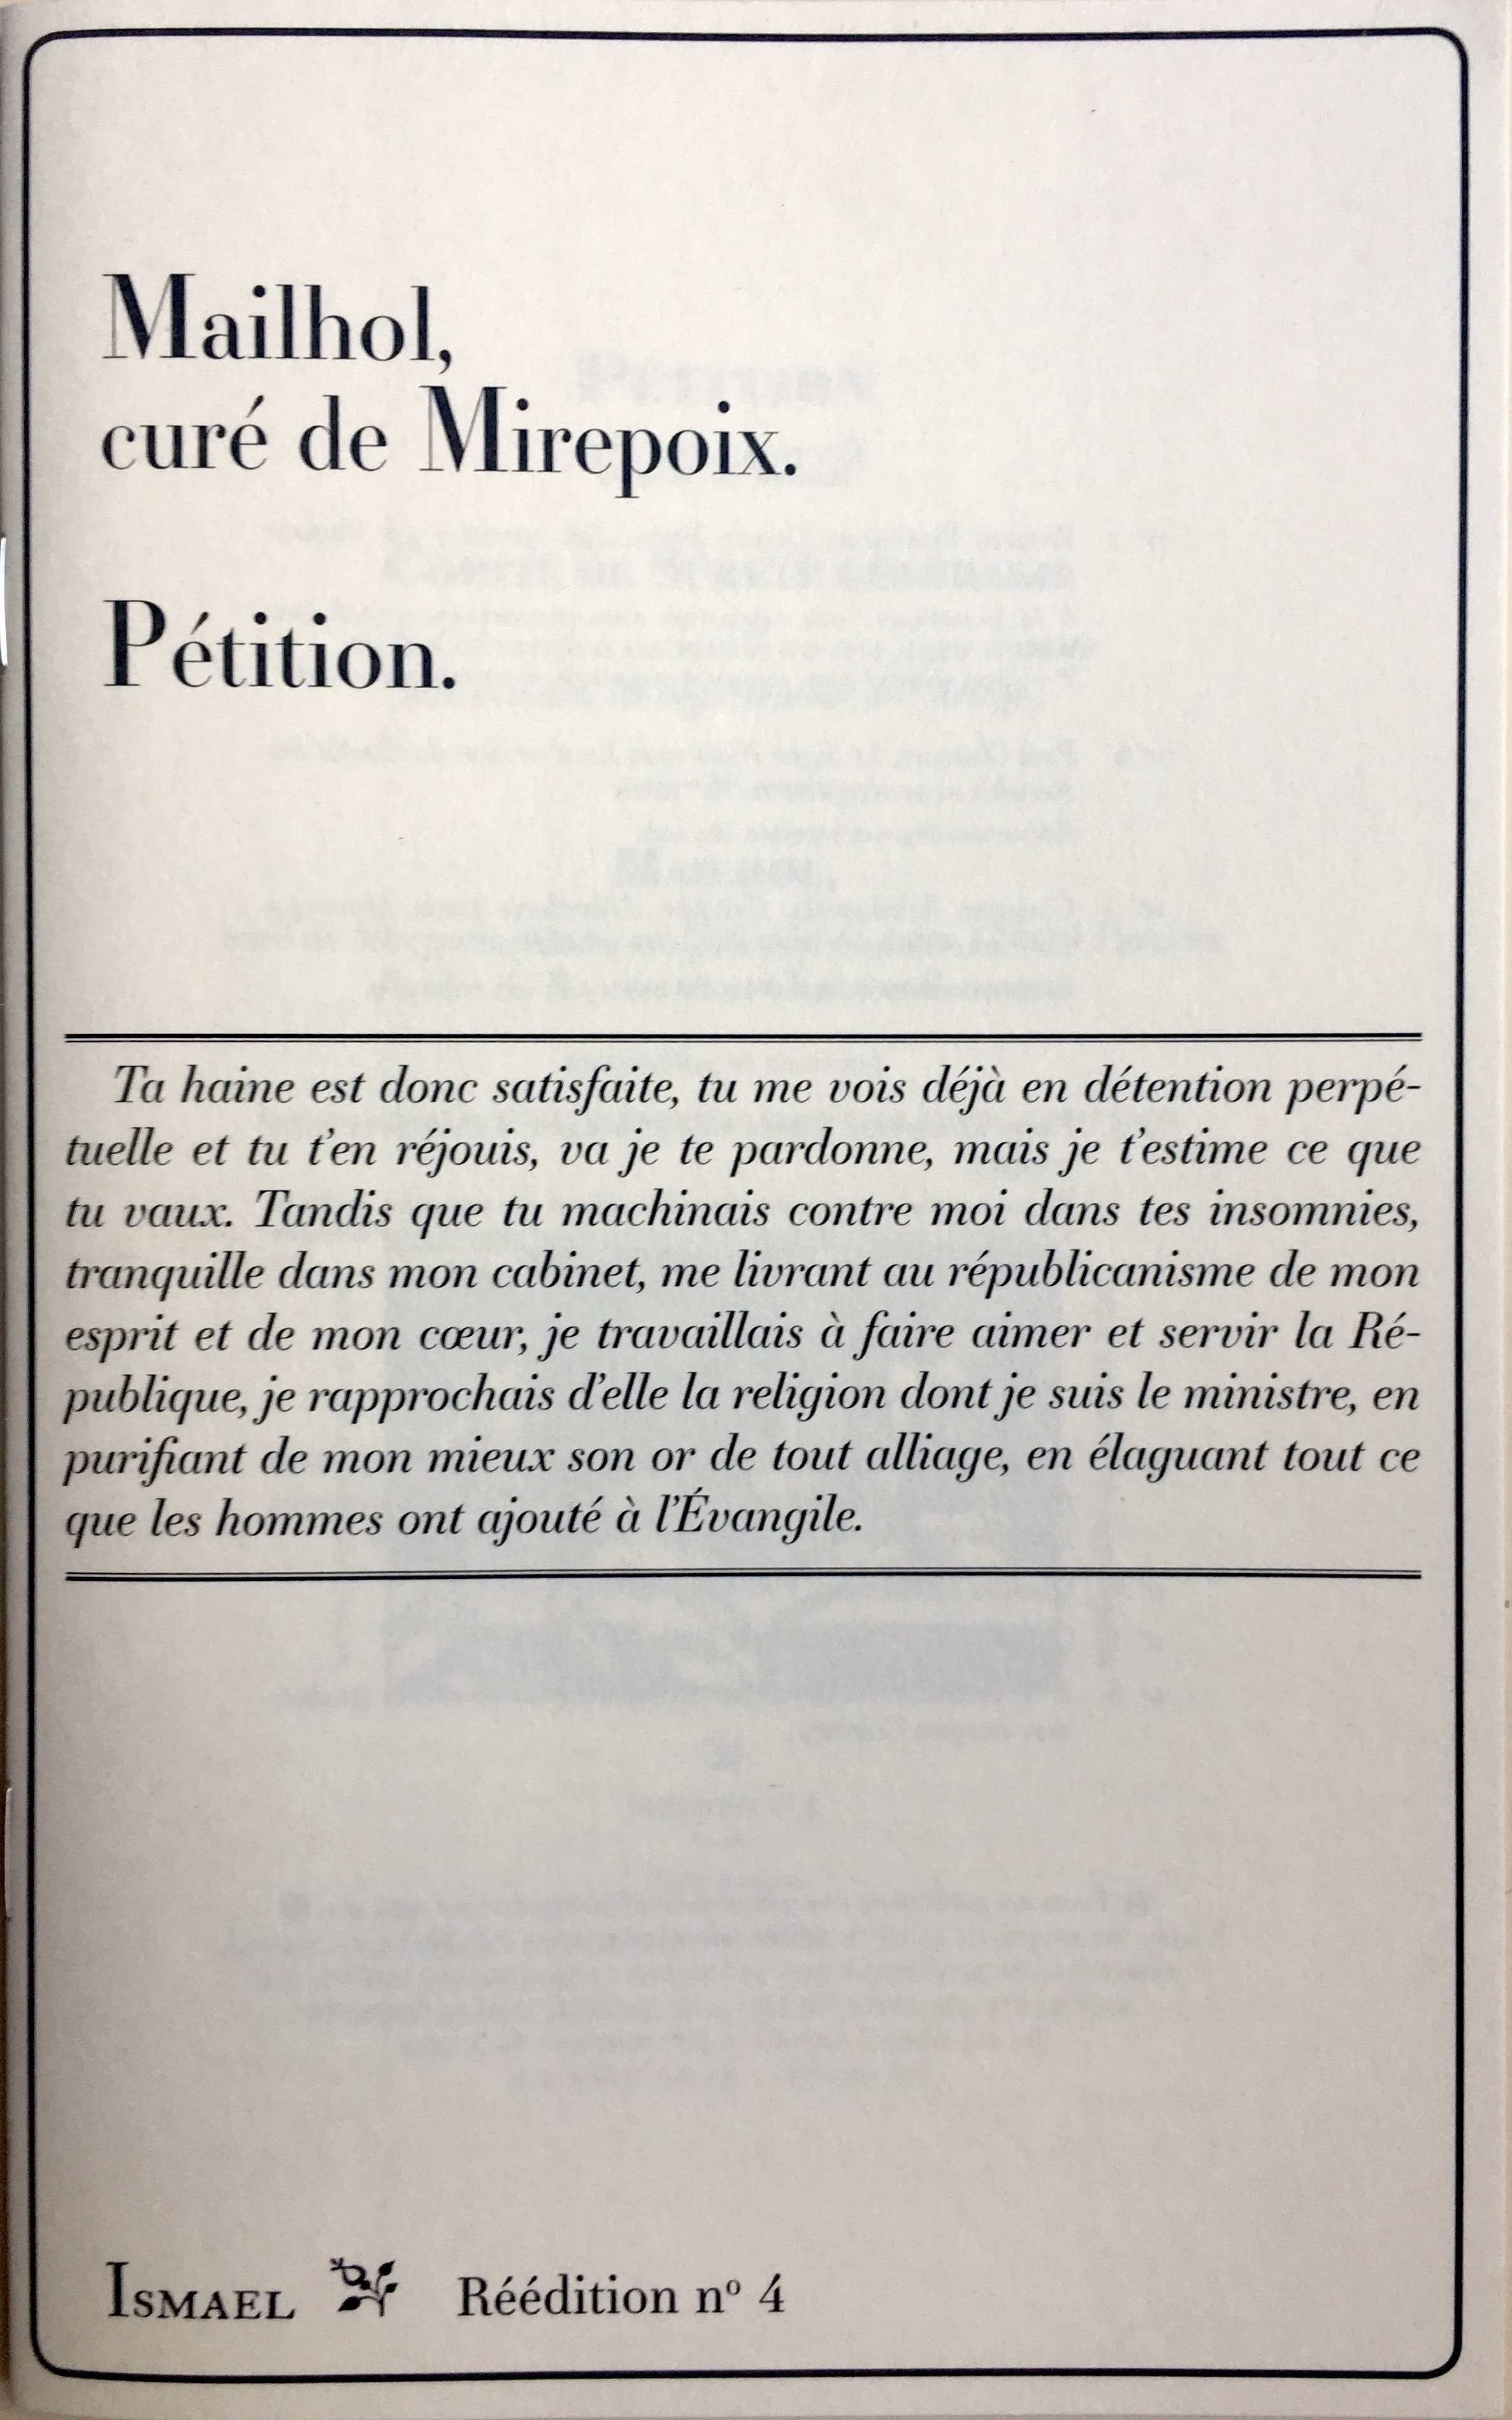 PETITION DE JEAN PIERRE MAILHOL, CURE DE MIREPOIX